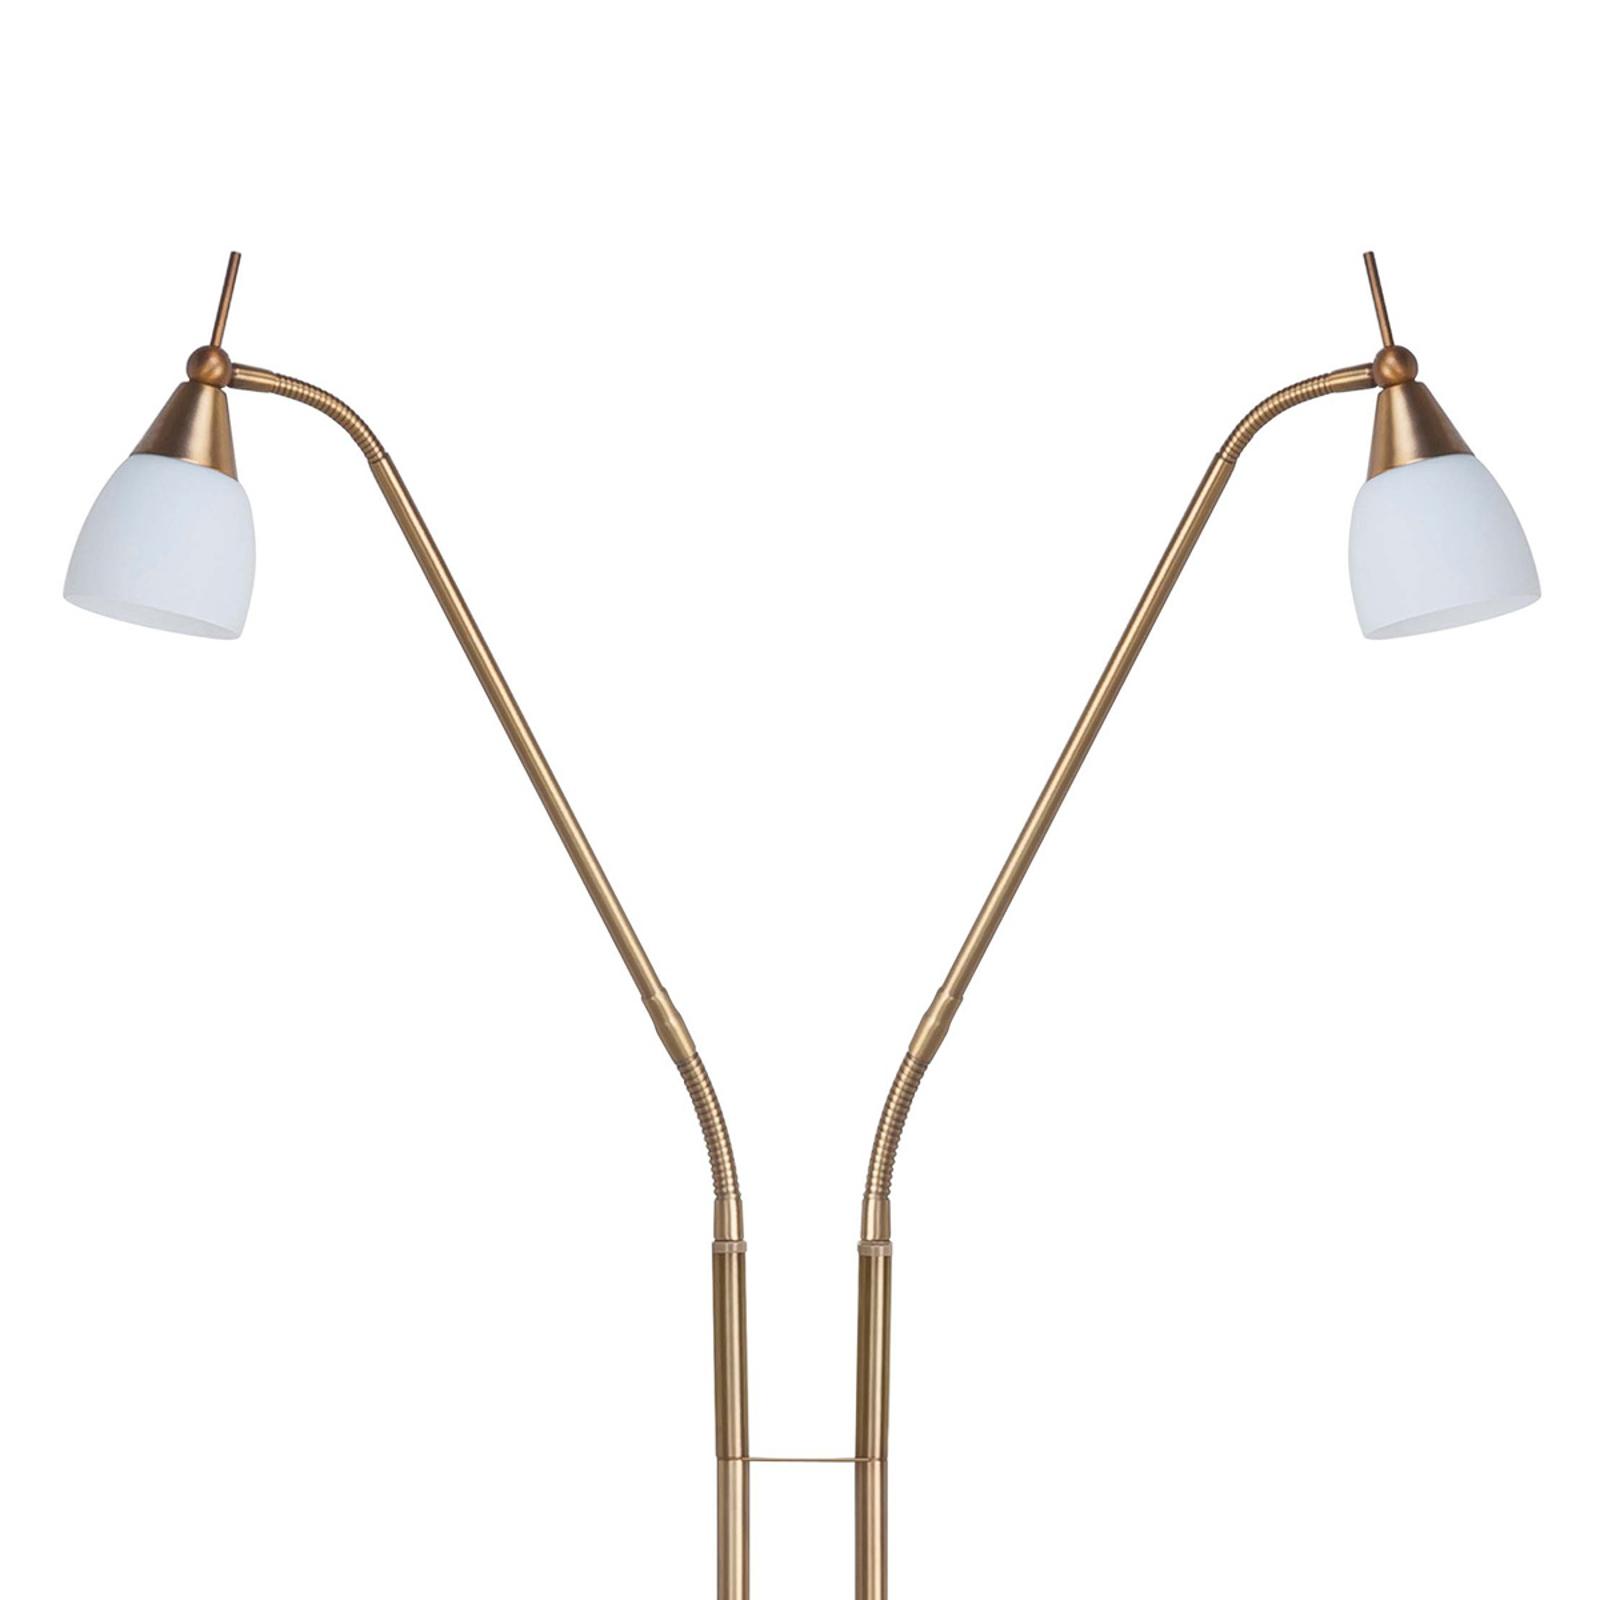 Produktové foto Hight Light B.V. Dvouzdrojová stojací lampa Touchy dotykový spínač